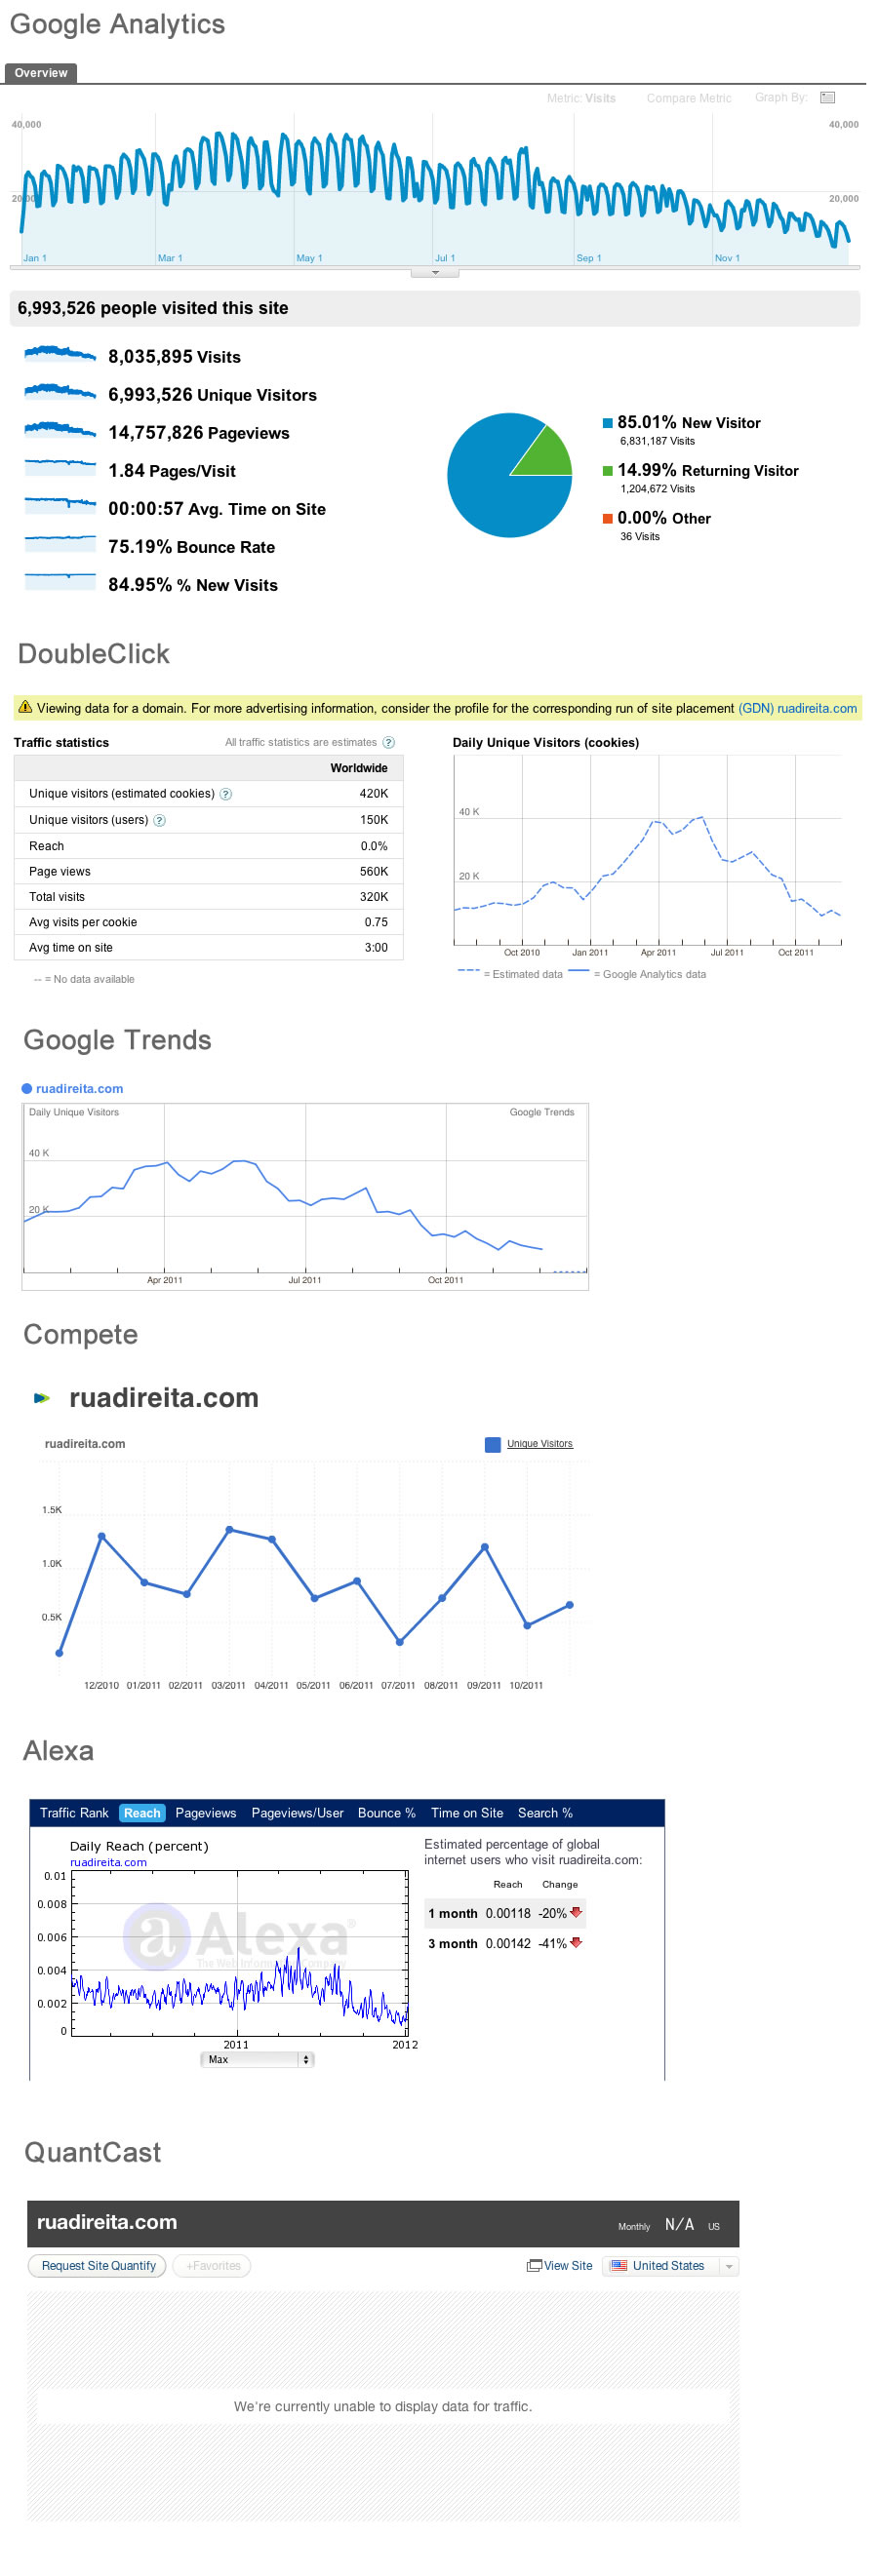 comparação google analytics, Double click, Google Trends, Compete, Alexa e Quantcast